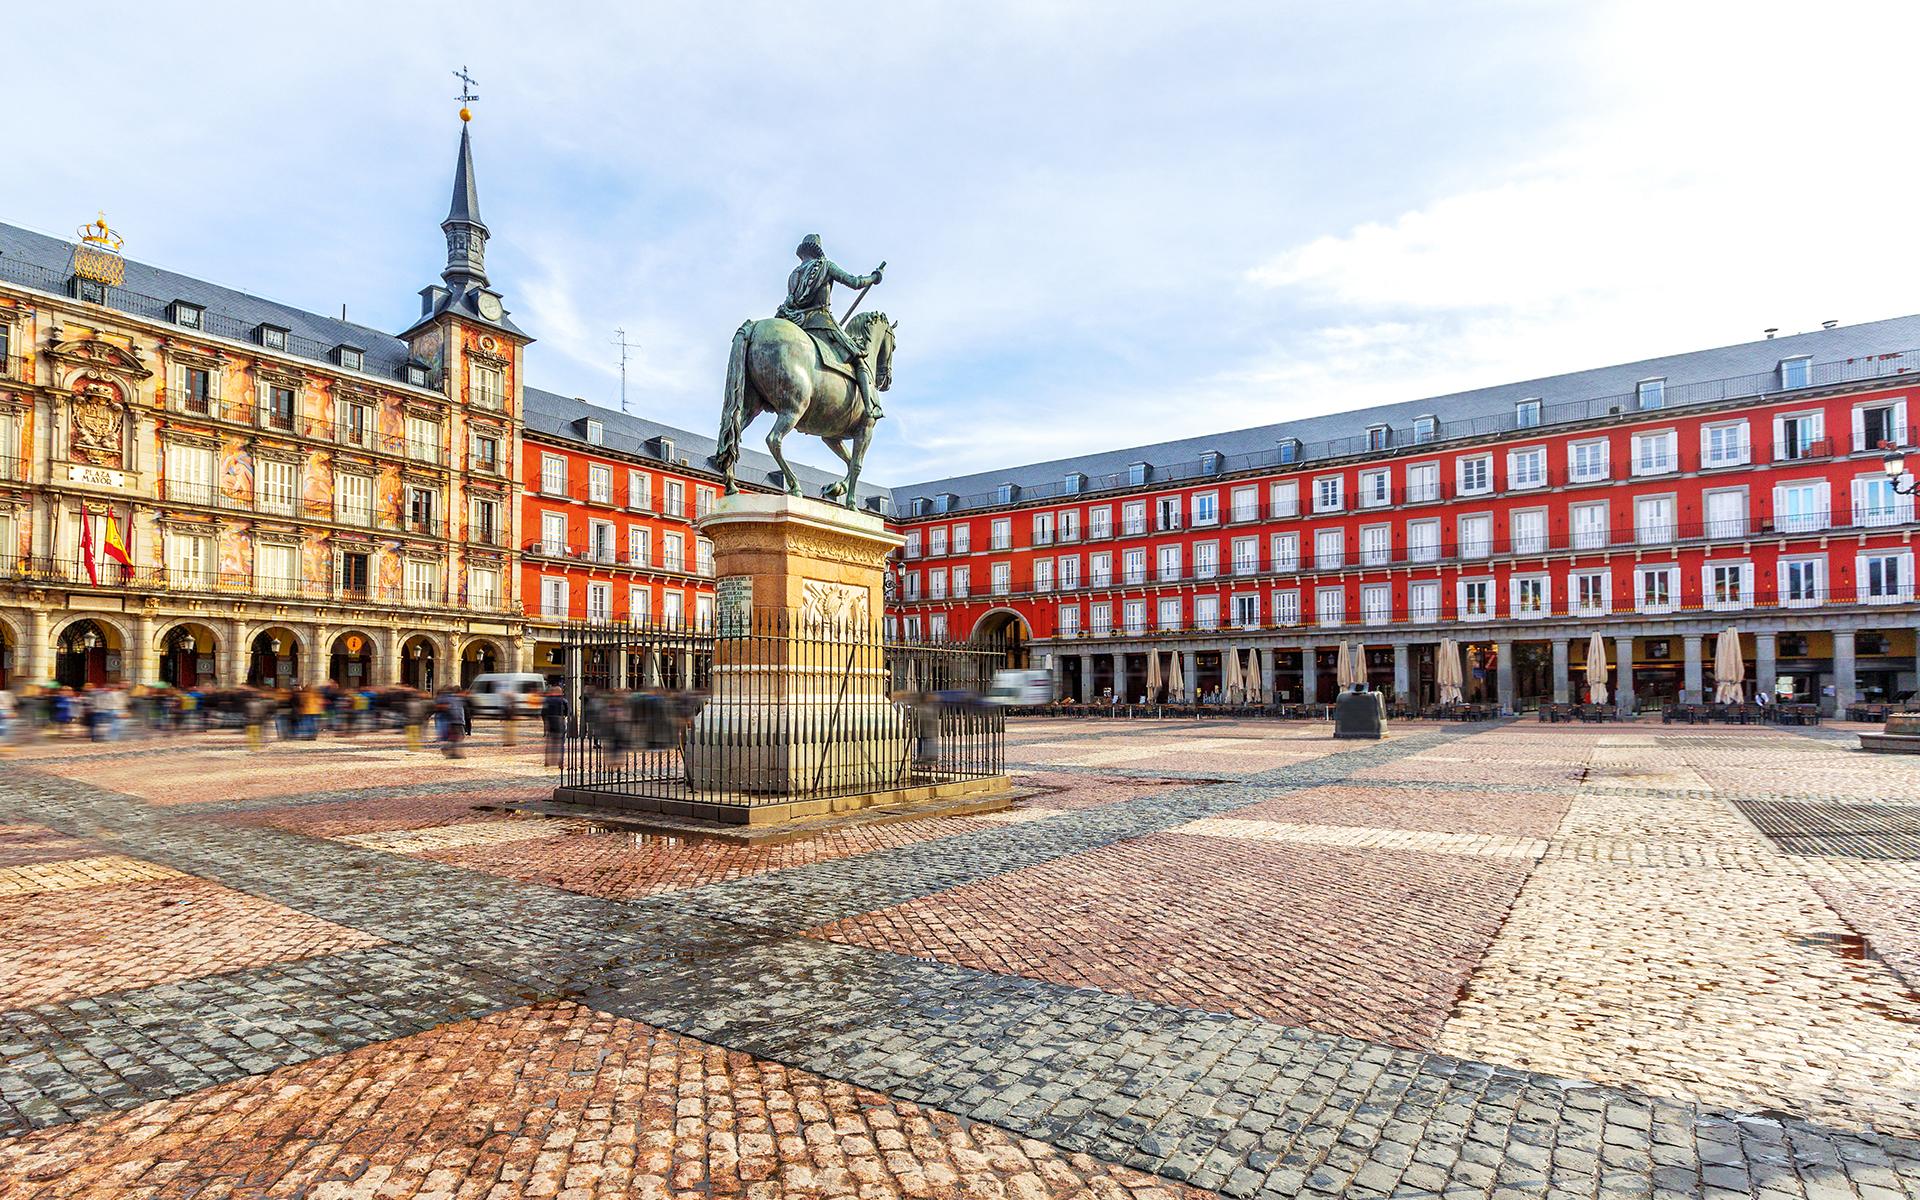 Qué ver y hacer en Madrid - Plaza Mayor | Foto: Svetlana195 | Dreamstime.com